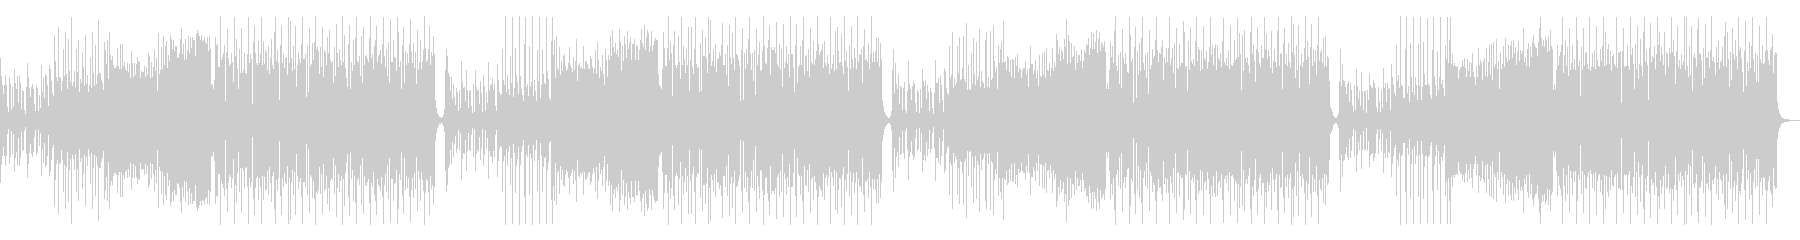 ポップで明るいFuture Bassの未再生の波形